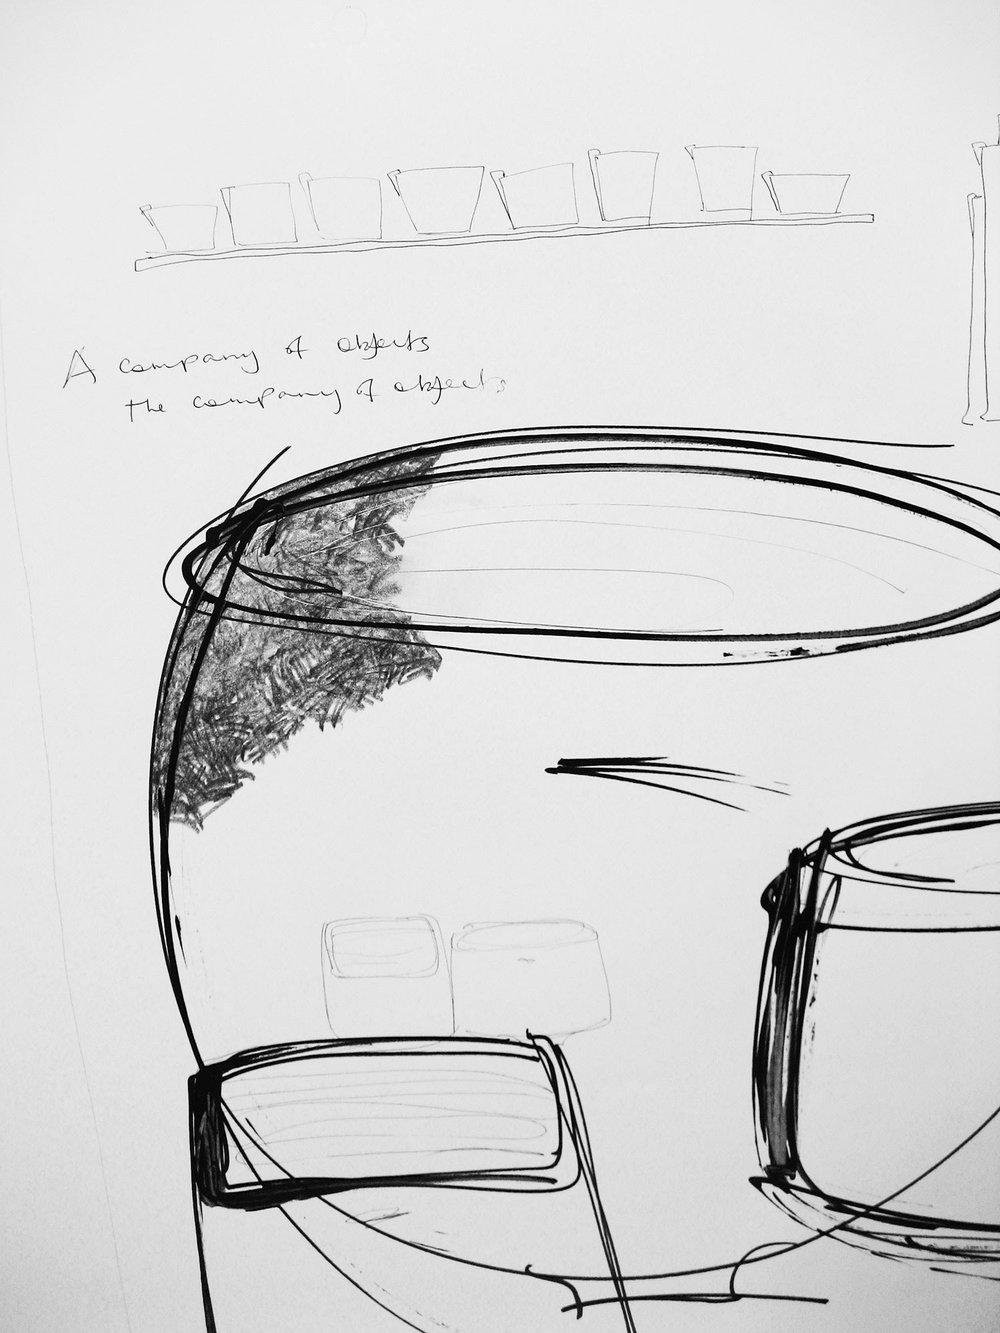 doherty-porcelain-new-studio-studio-sketchboook.jpg